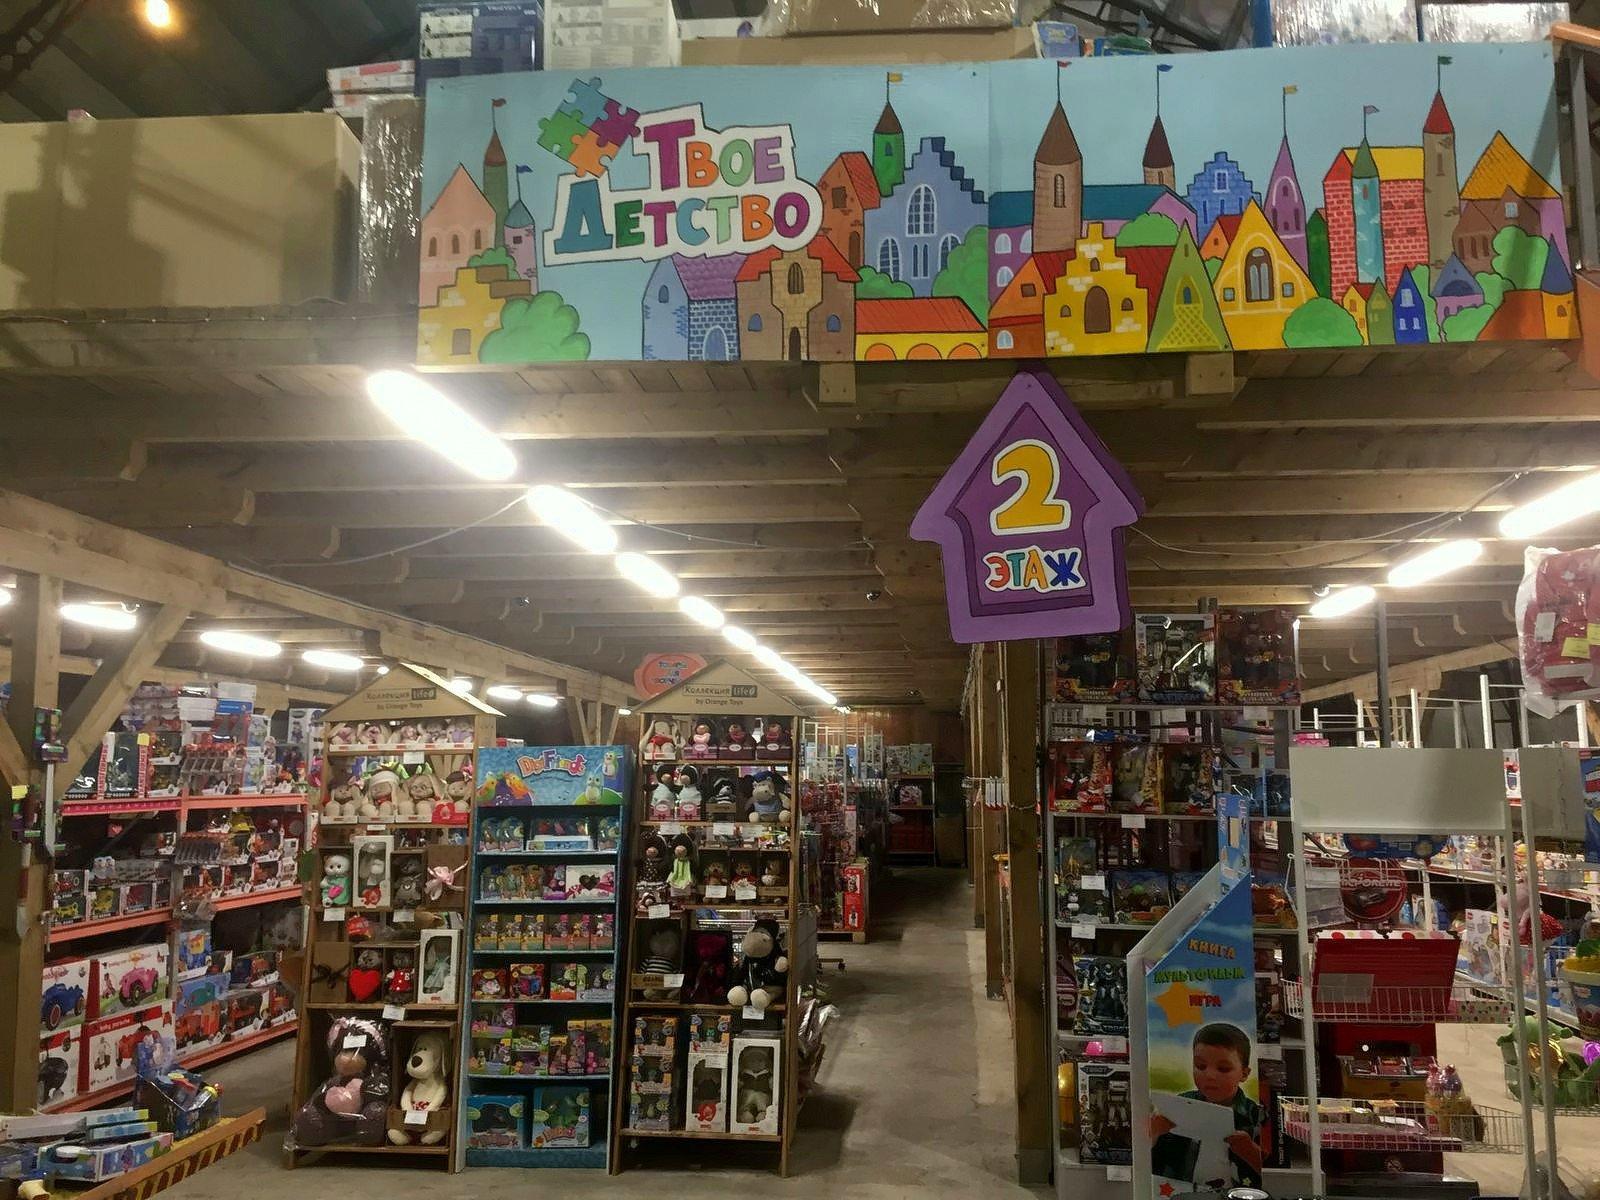 2192ca28b427 Прайс-лист интернет-магазина детских игрушек Твое Детство - Магазины -  Санкт-Петербург, страница - 4.